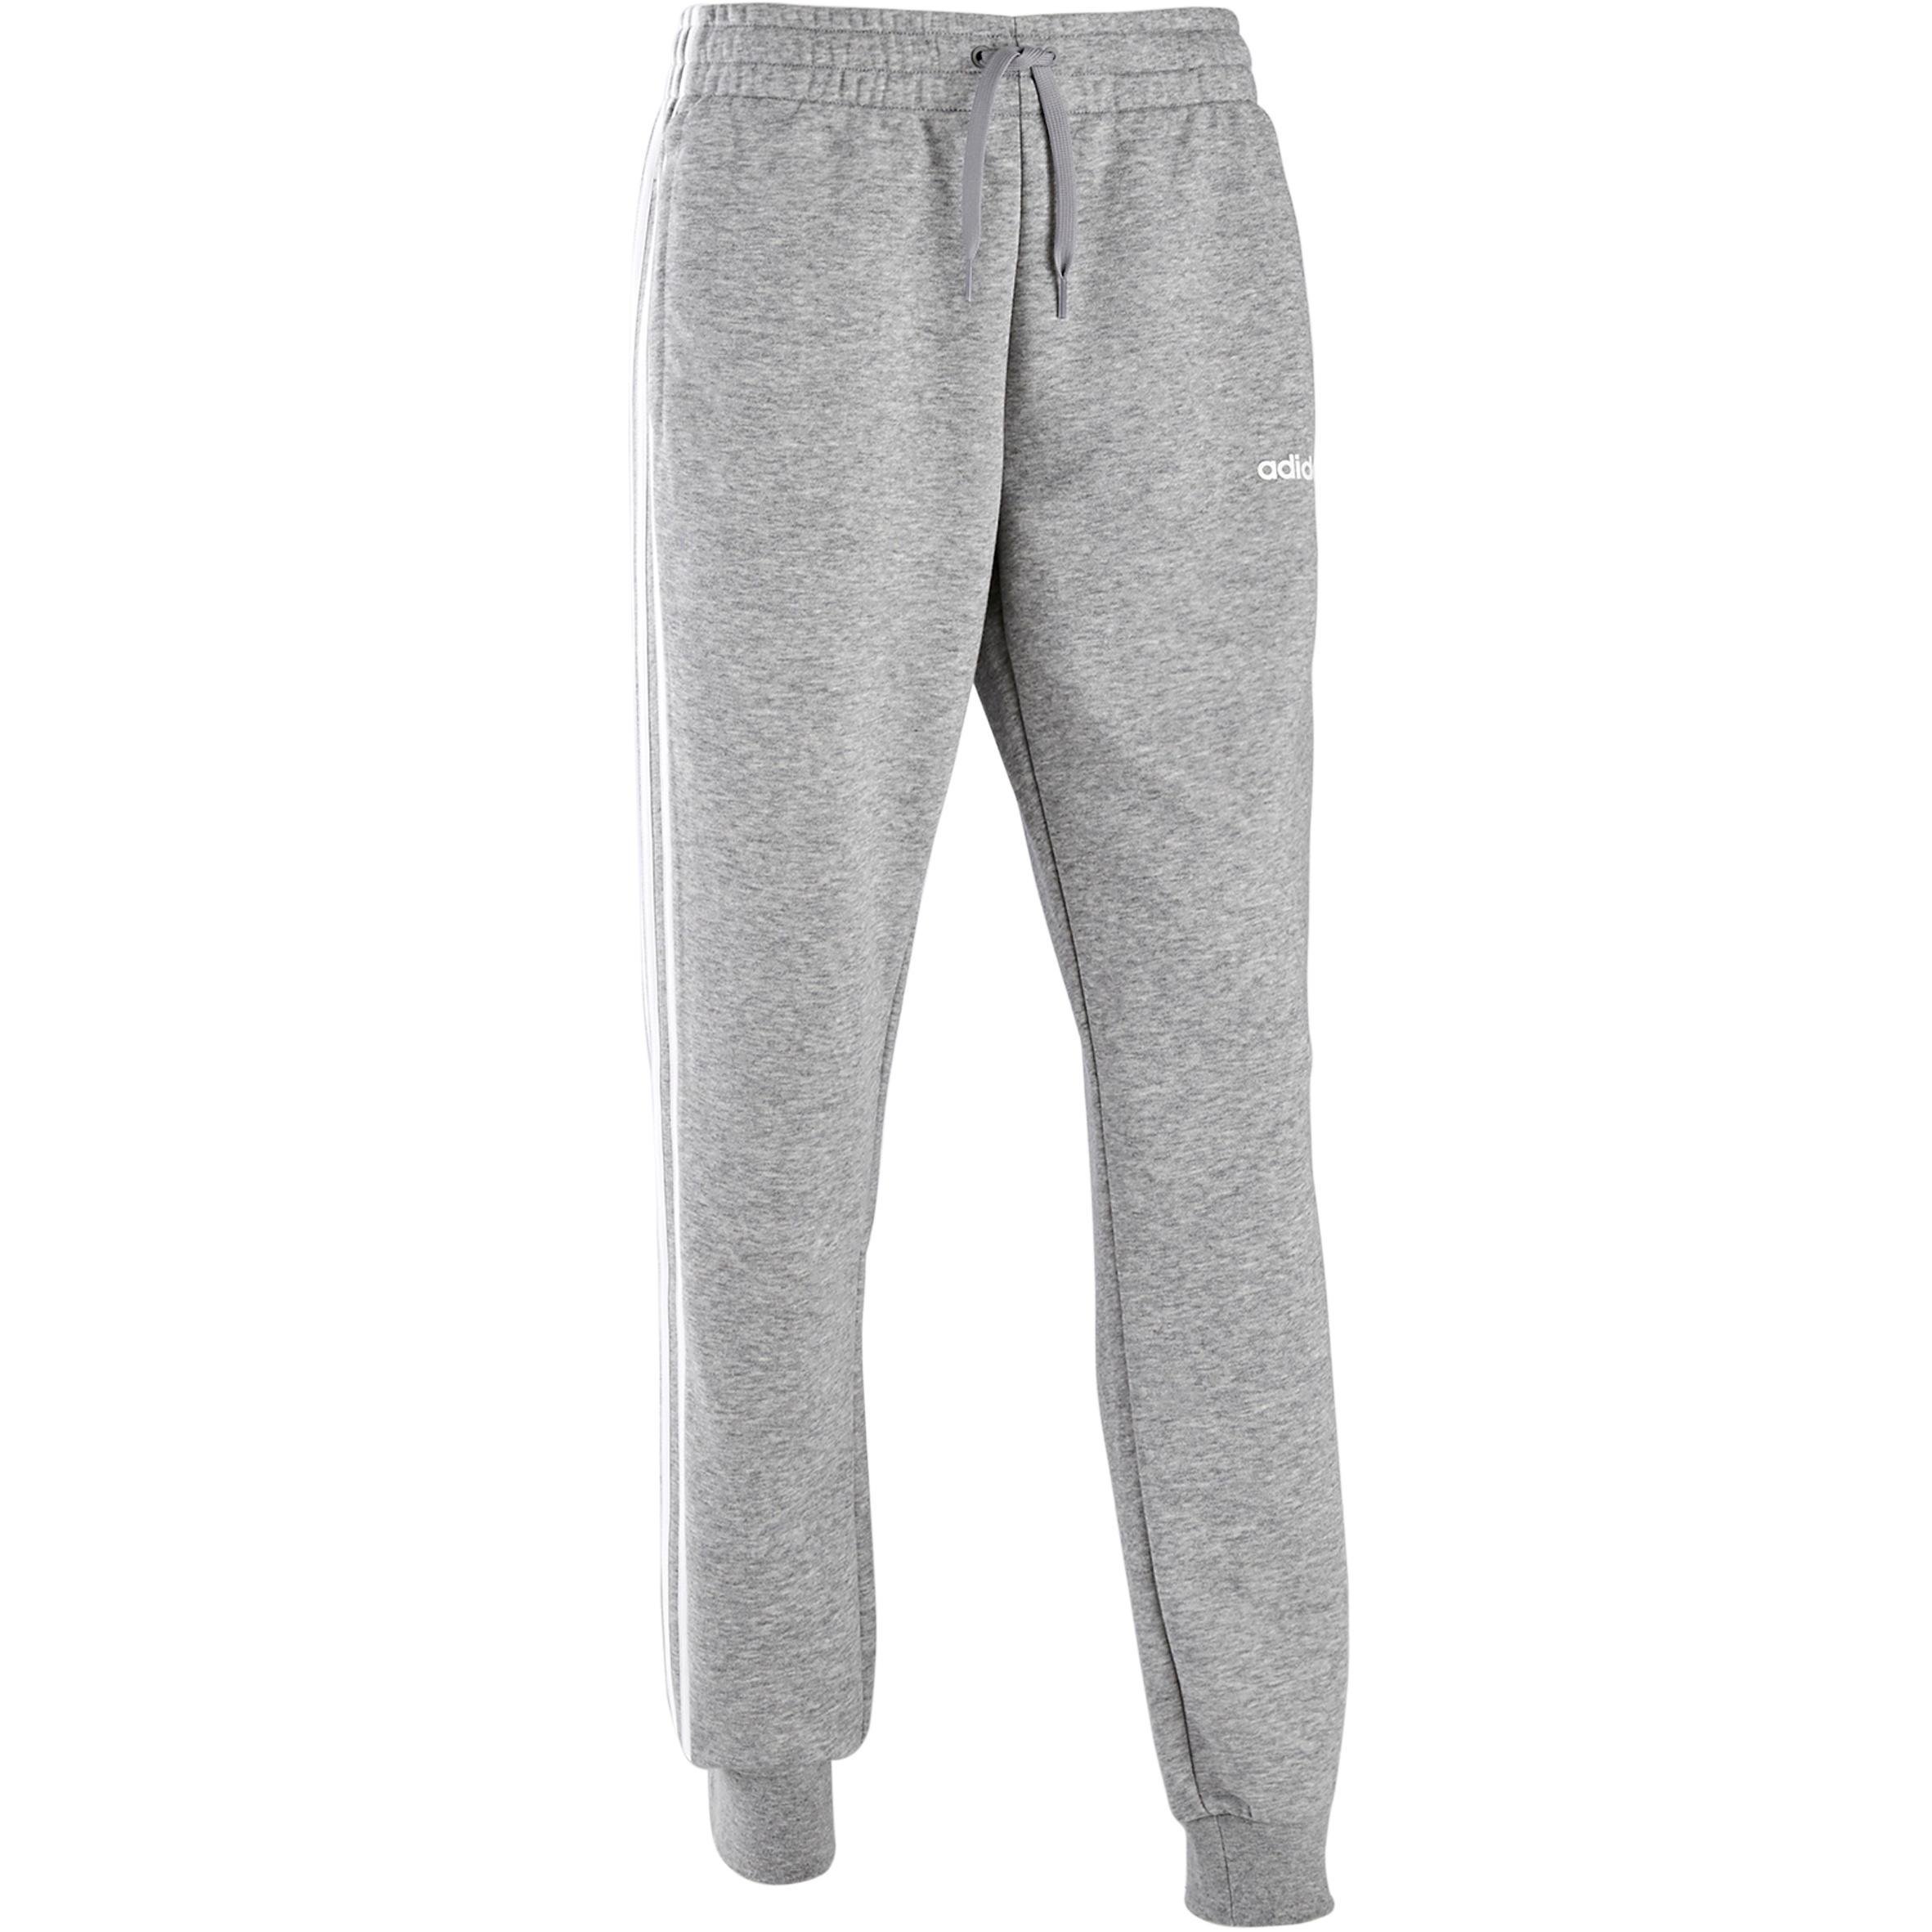 Dirección Incierto extraño  pantalon chandal adidas mujer Hombre Mujer niños - Envío gratis y entrega  rápida, ¡Ahorros garantizados y stock permanente!